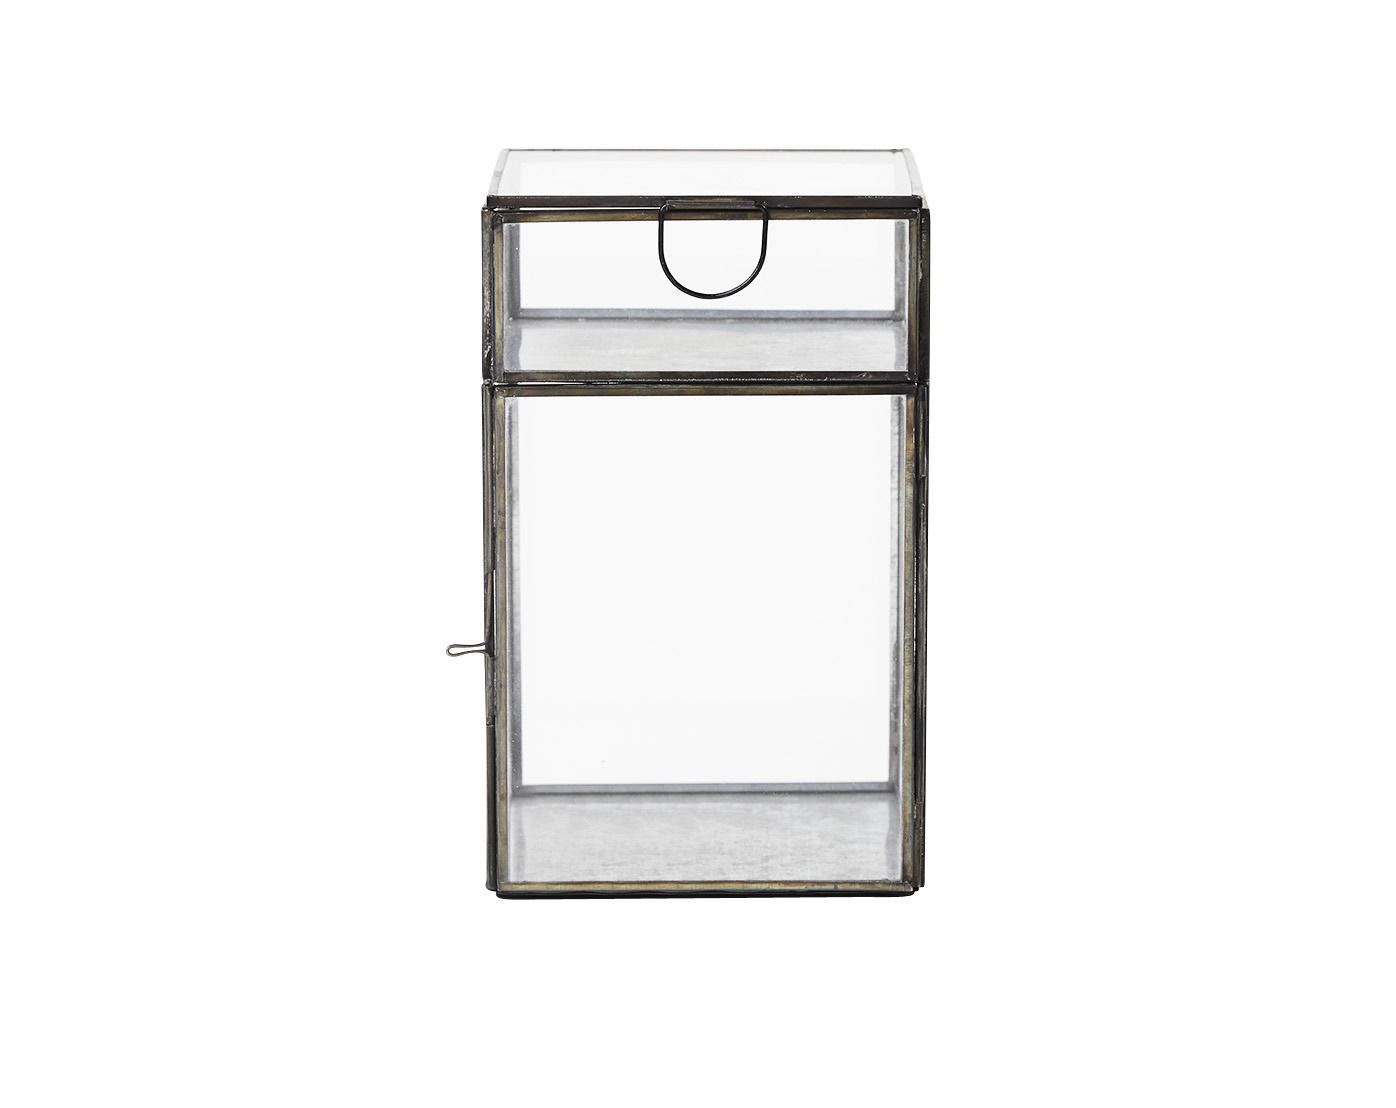 Двойная емкость GlassШкатулки<br>Прозрачная емкость для хранения с двумя отделениями.&amp;amp;nbsp;<br><br>Material: Стекло<br>Width см: 13<br>Depth см: 13<br>Height см: 20